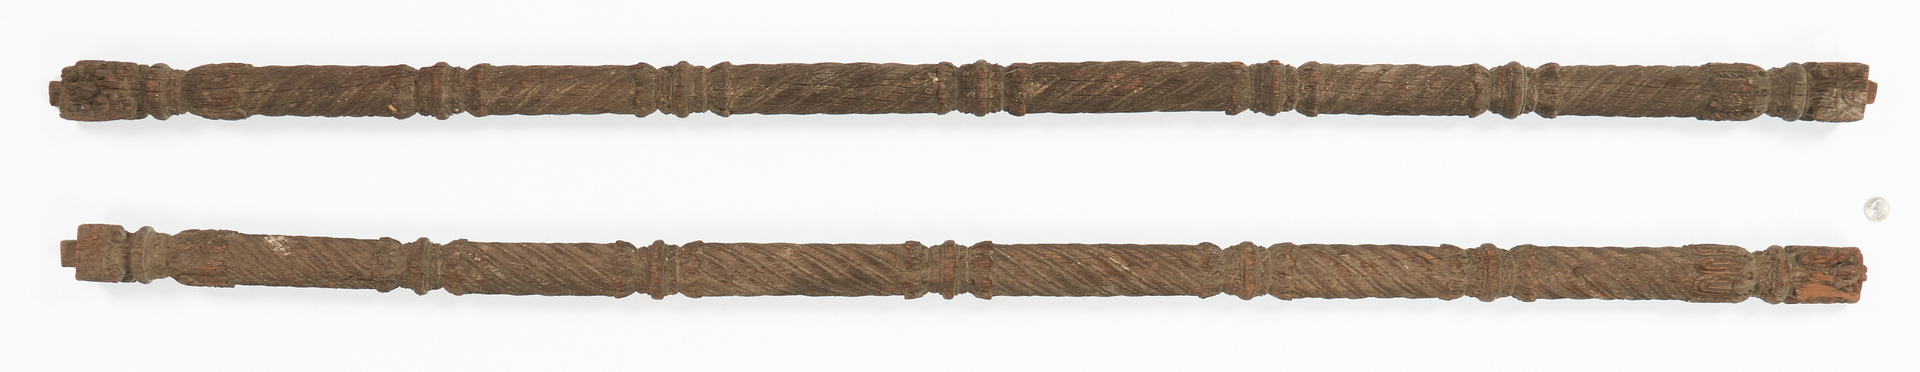 Lot 993: Pr. Carved Wood Temple Door Columns